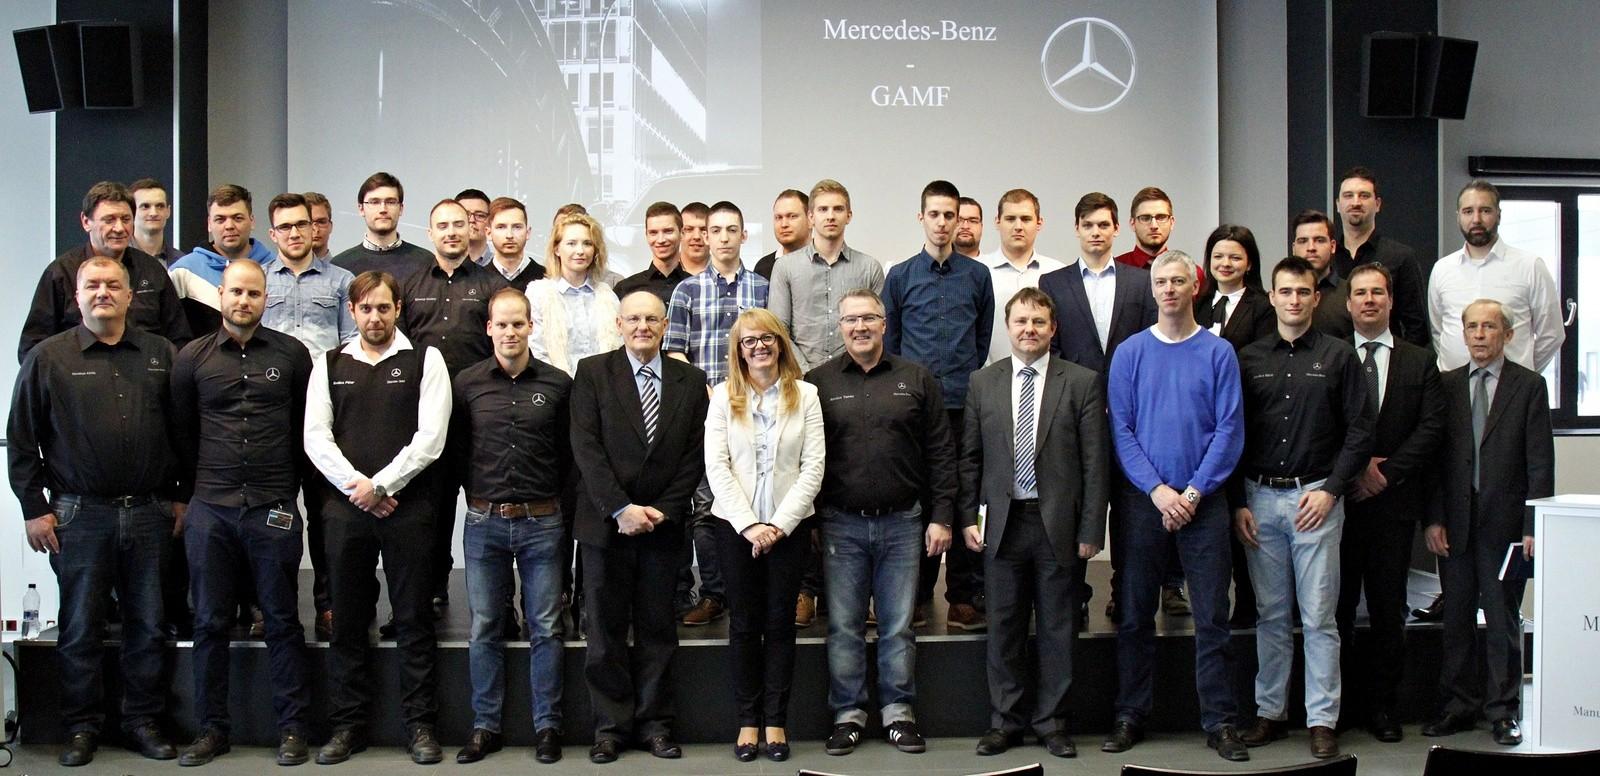 Díjkiosztó eredményhirdetés a Mercedes-Benz és a Neumann János Egyetem 1. mérnökversenyén